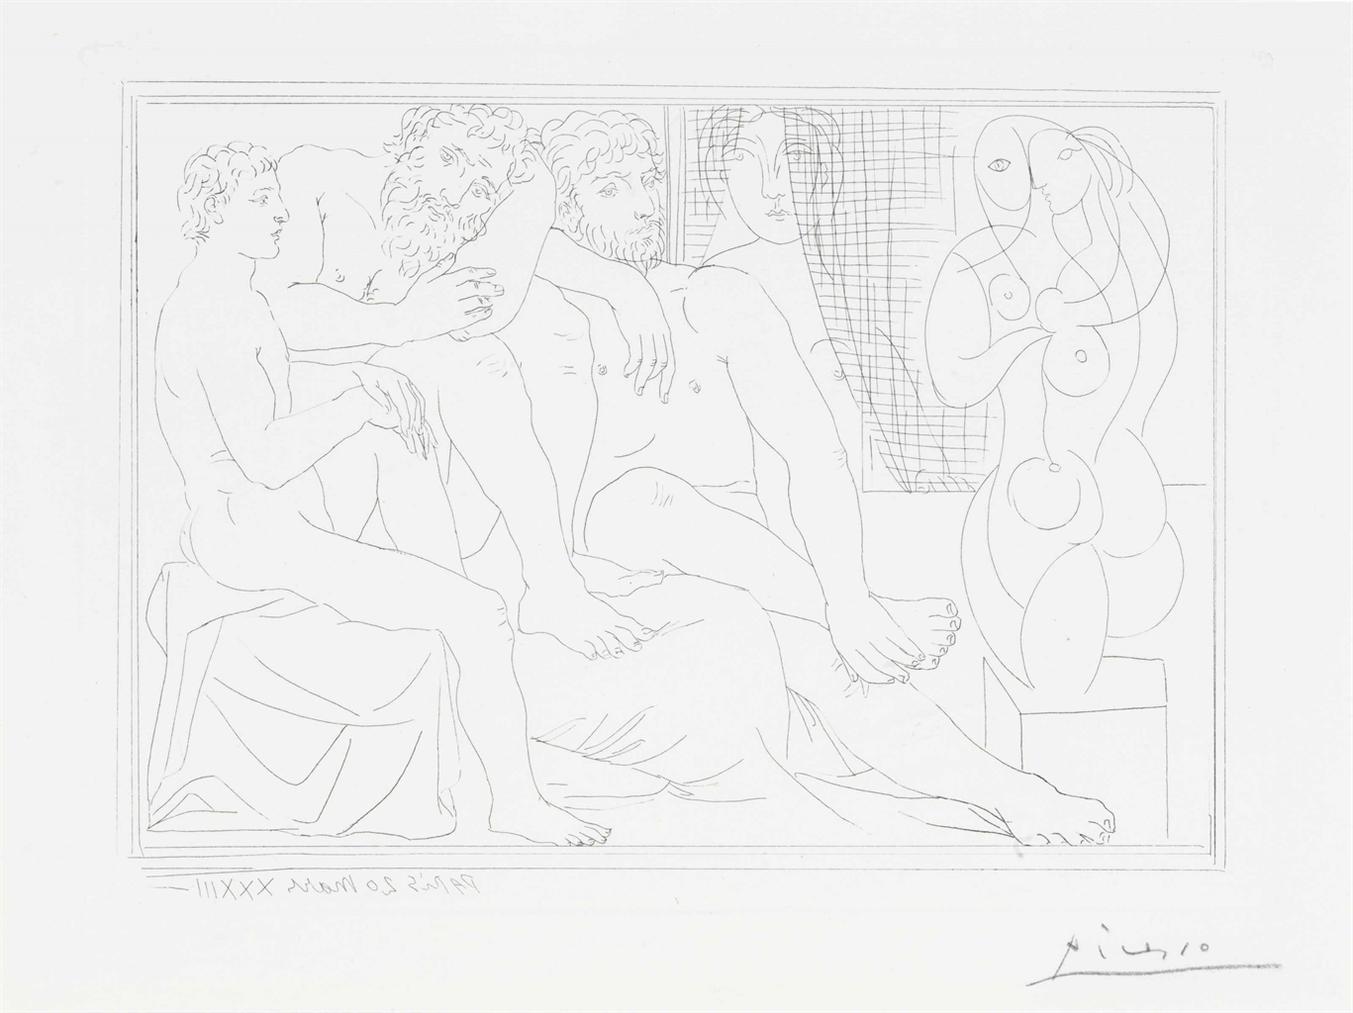 Pablo Picasso-Sculpteurs, Modeles Et Sculpture, From La Suite Vollard-1933